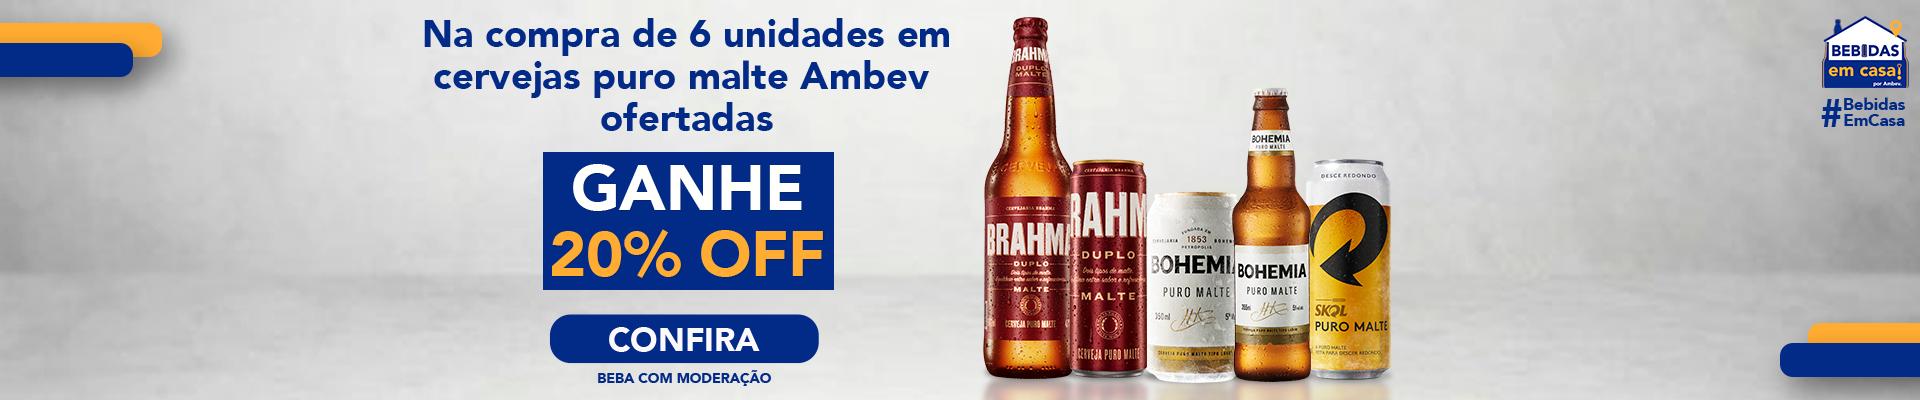 Cervejas Malte AMbev - 23/09 a 29/09